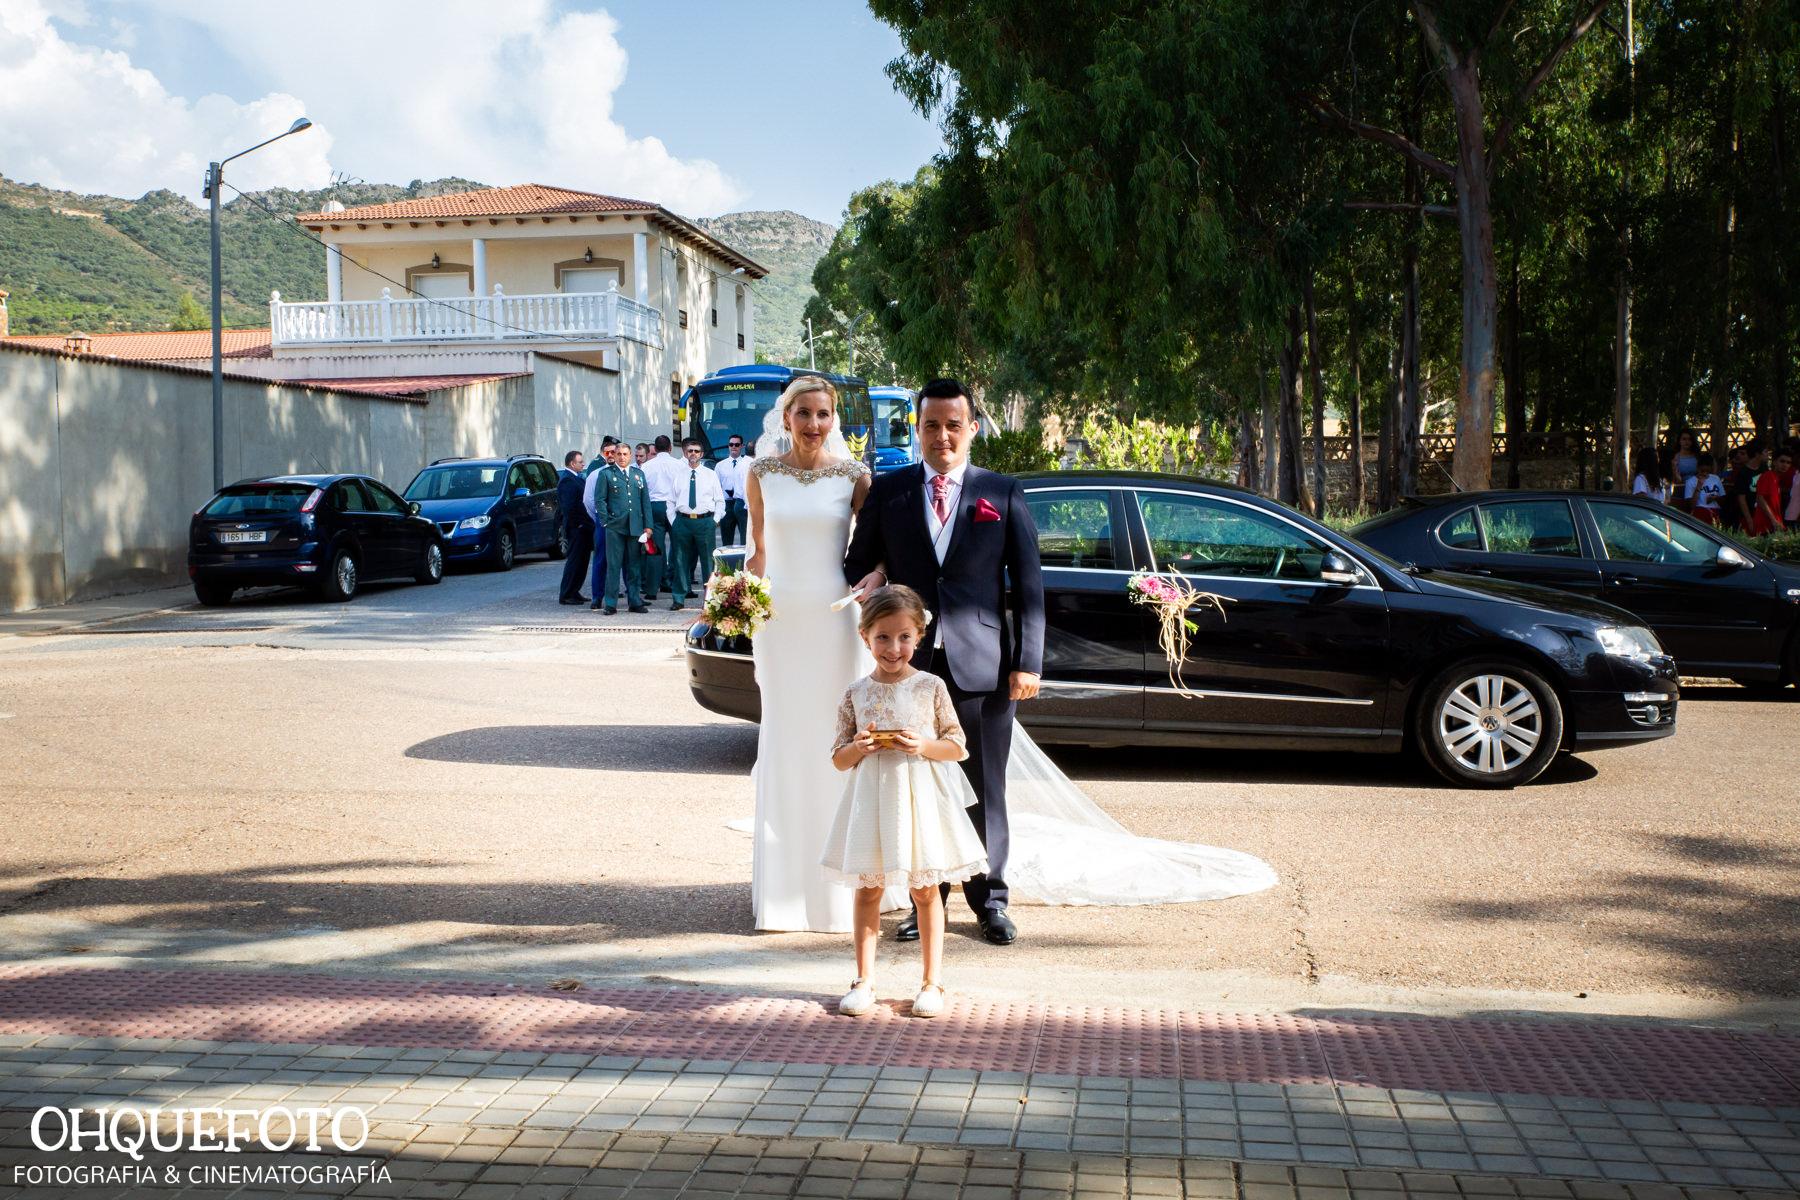 boda en la peraleda boda en cabeza del buey boda en capilla reportaje de bodas en almaden video de bodas en cordoba447 - Jose y Gema - Boda en Zarza Capilla y la Finca La Peraleda (Chillón)